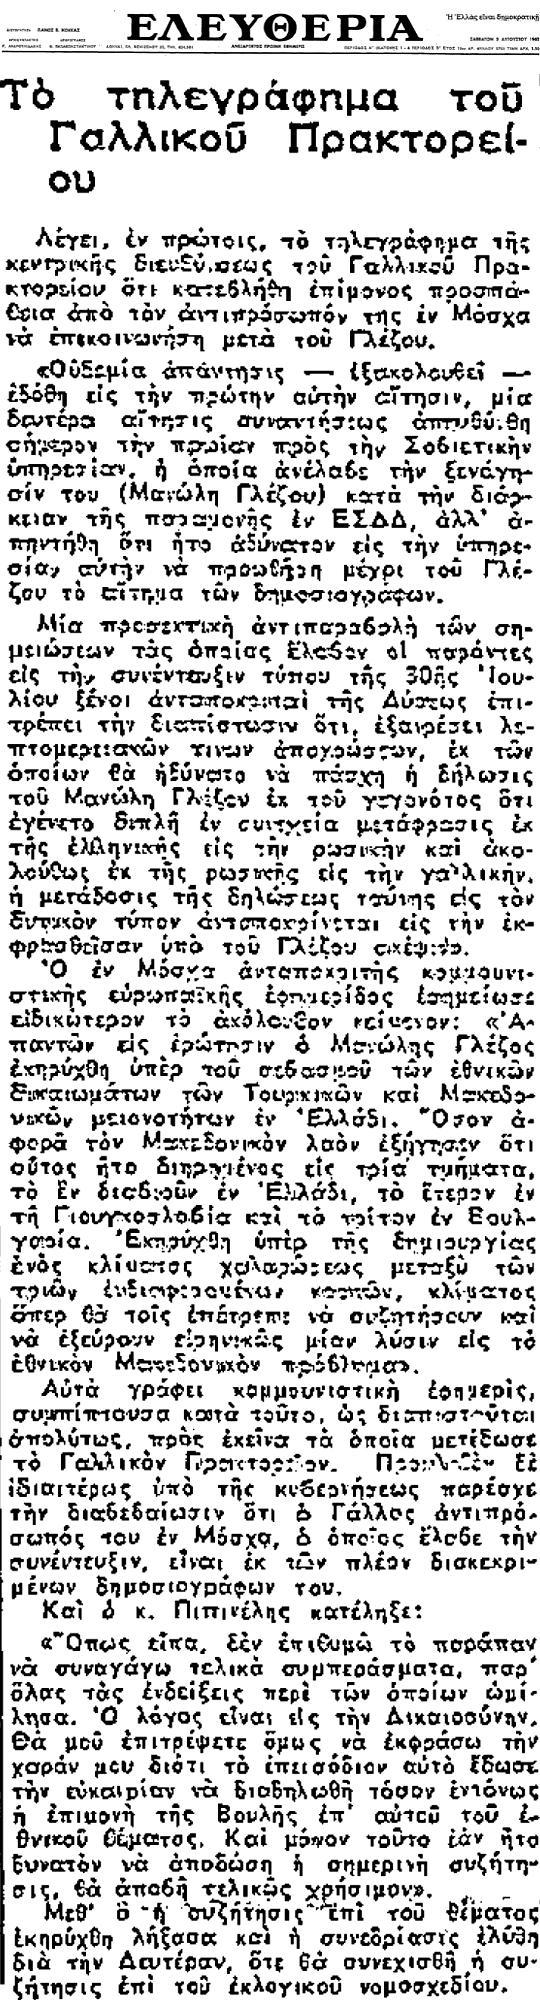 Εφημερίδα «Ελευθερία» (3-8-1963) - Δηλώσεις Μανώλη Γλέζου για Μακεδονία